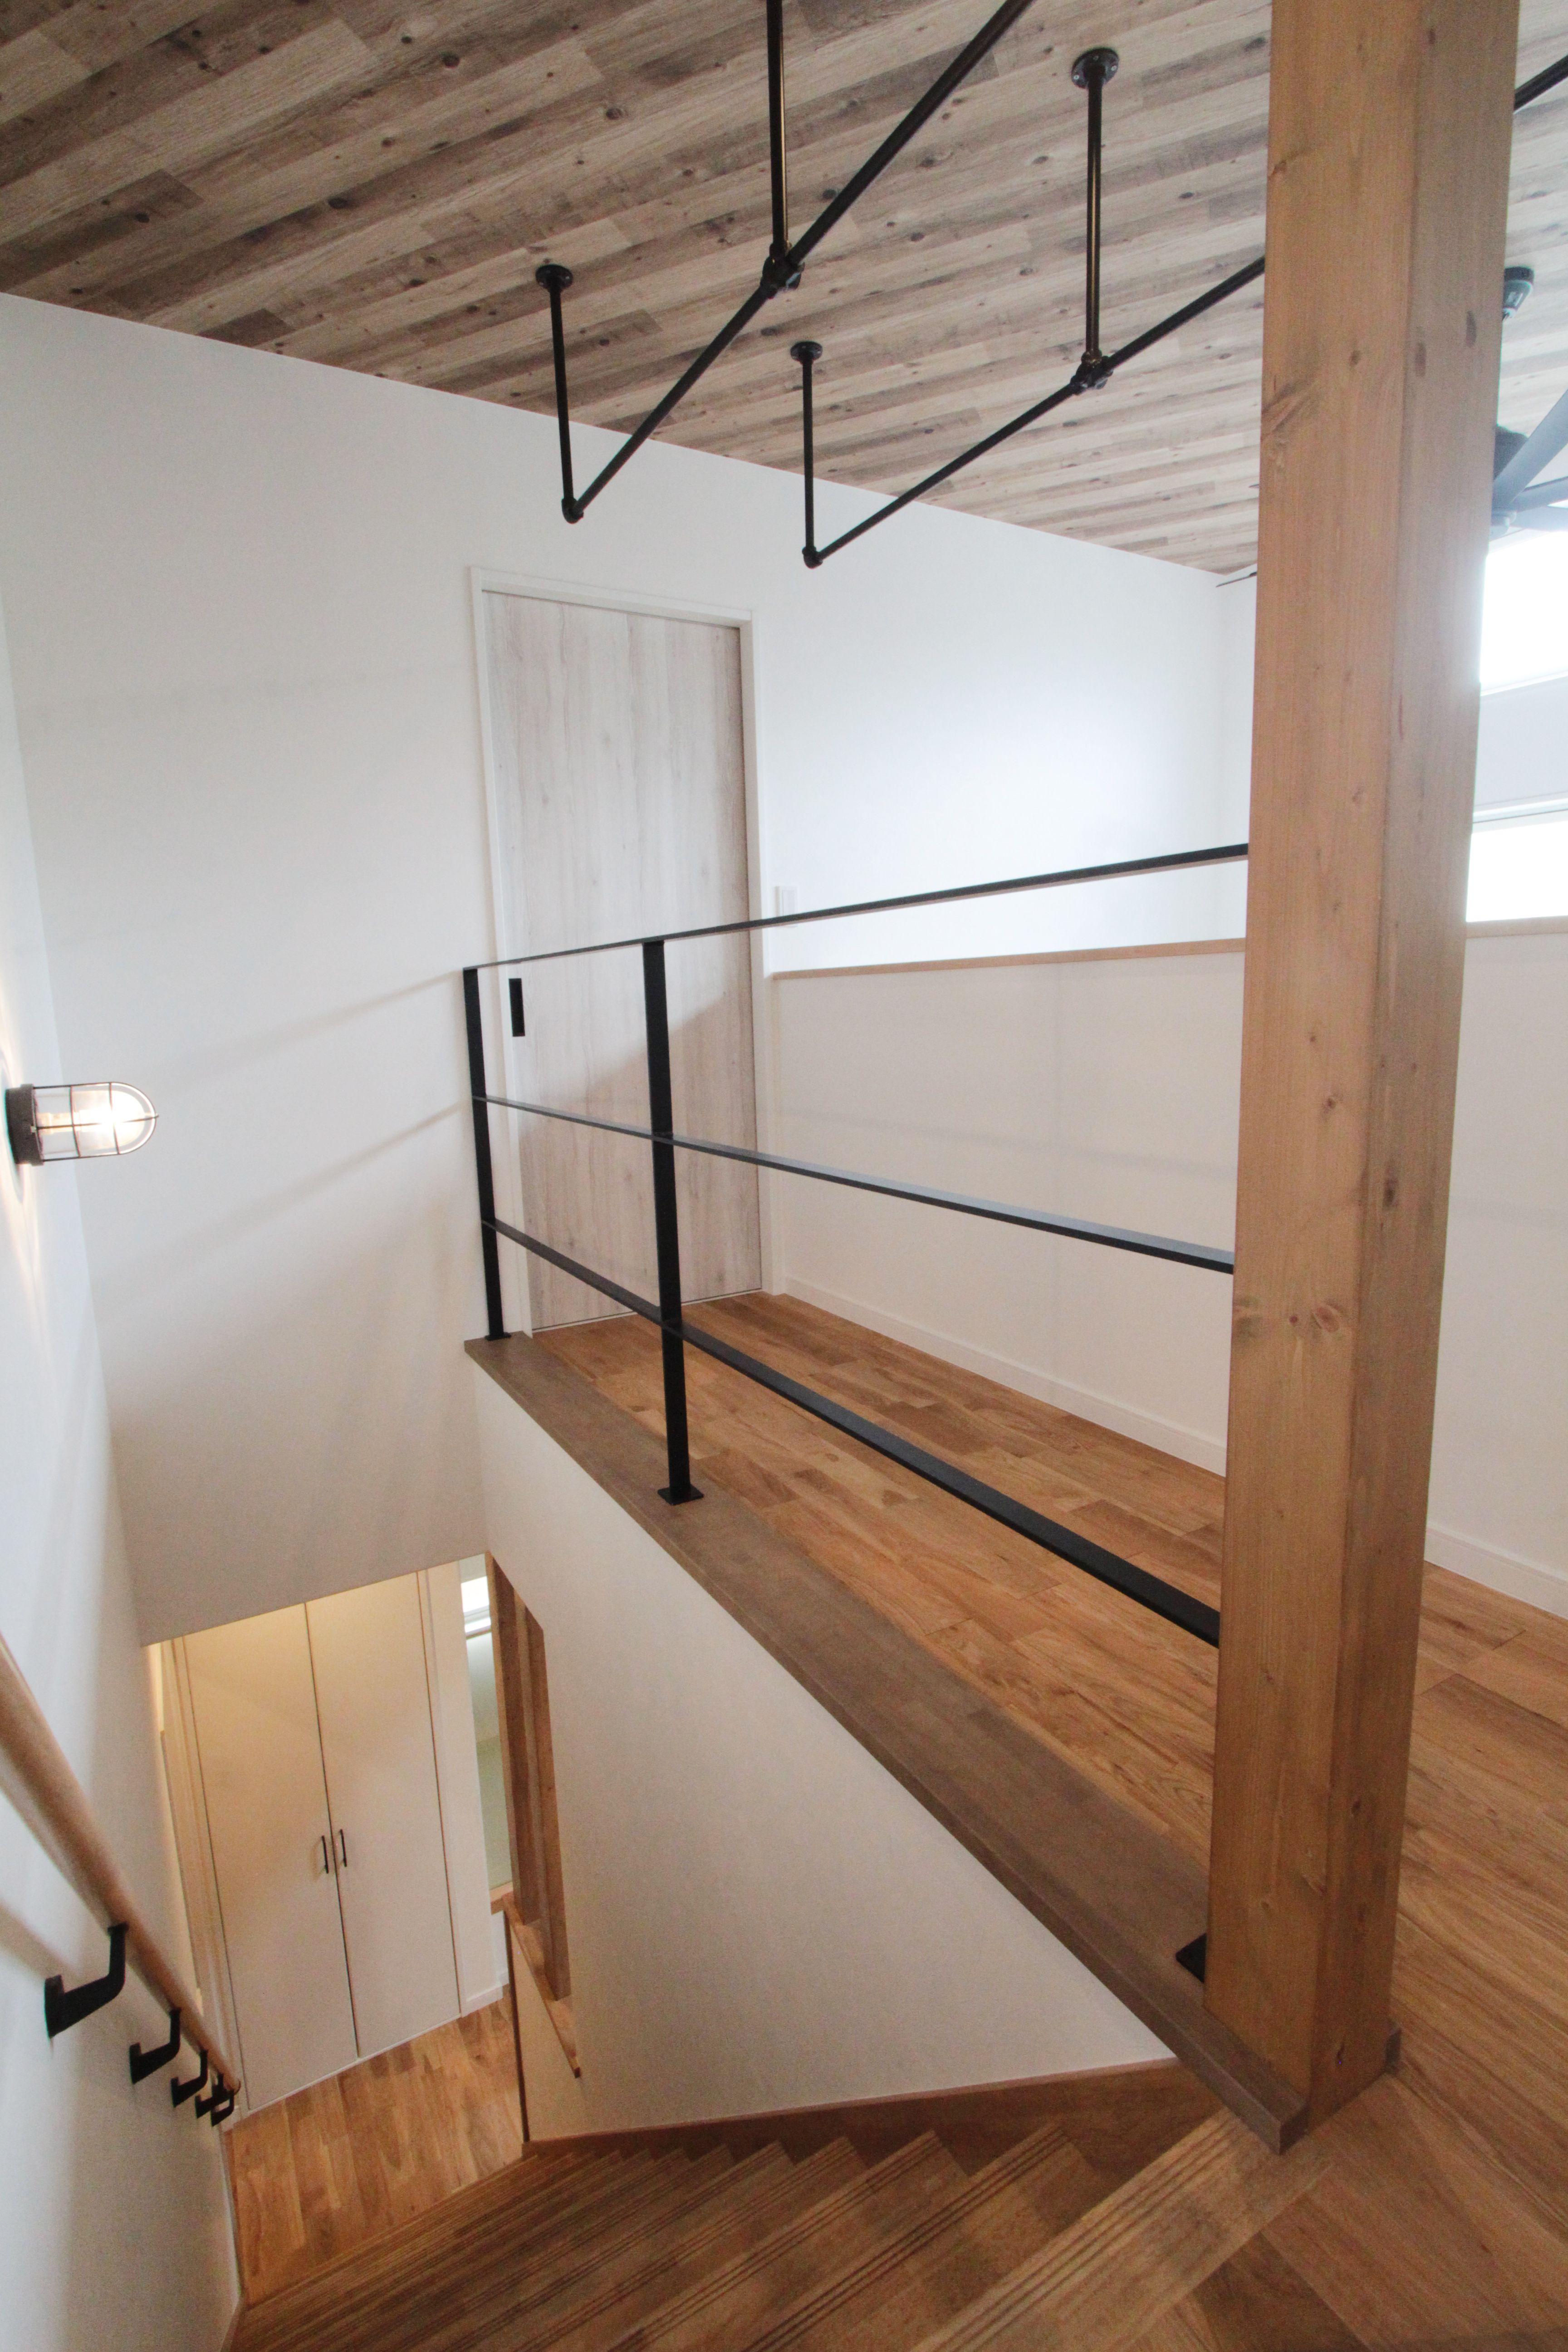 アイデア おしゃれまとめの人気アイデア Pinterest Sara Home 桜建築事務所 室内物干し インテリア 家具 インテリア 収納